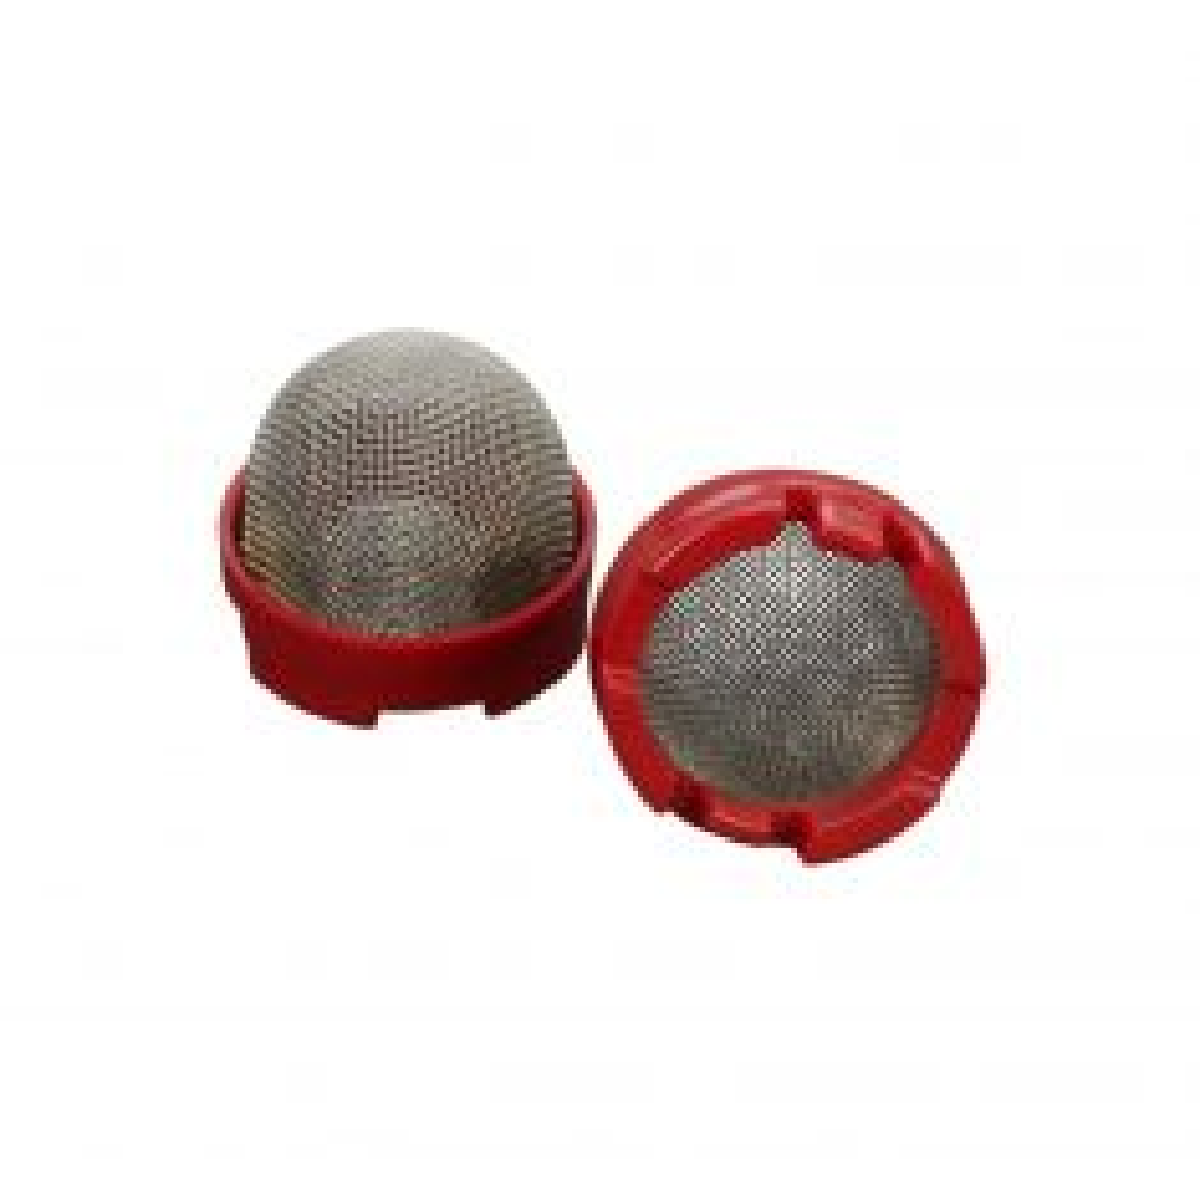 XVLP lak / beits filter – fijnmazig – Rood